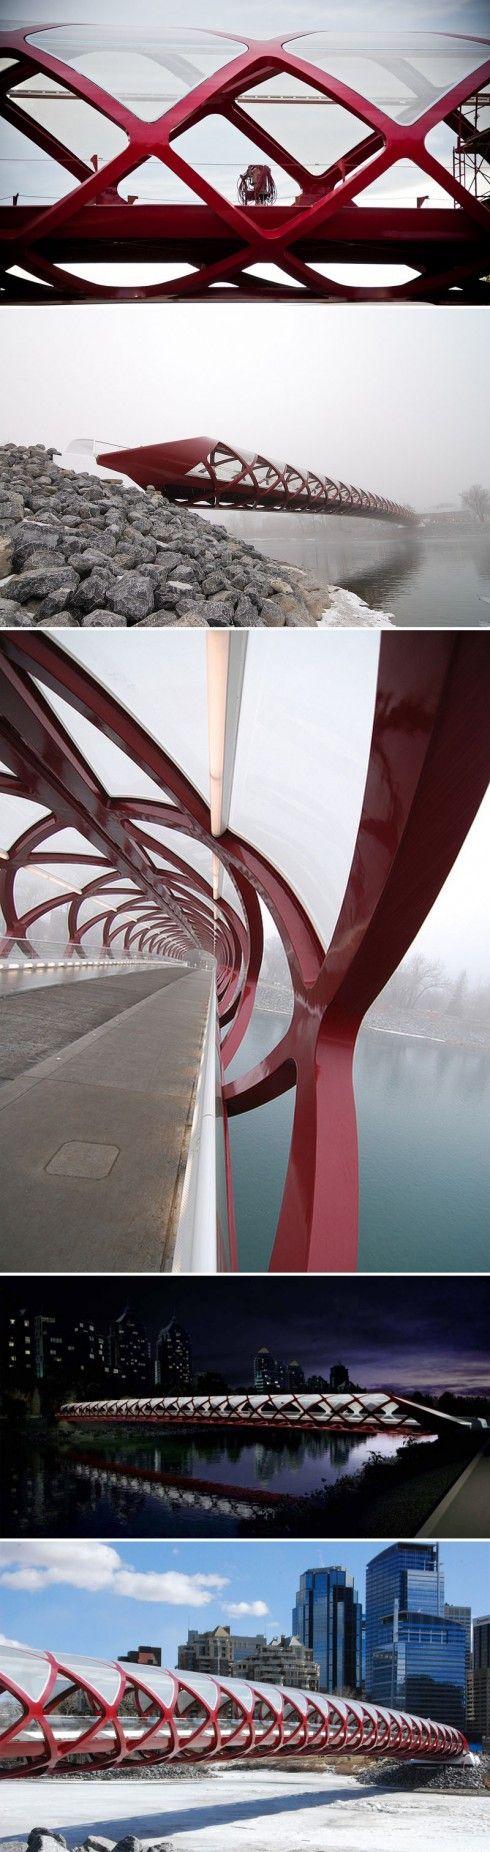 Santiago Calatrava's Peace Bridge ( Calgary, Canada ) Wapisimo, la cuestión es si se va a caer mña o van a hacer falta una cuadrilla de ingenieros para arreglar alguna nueva cagadita del colega...